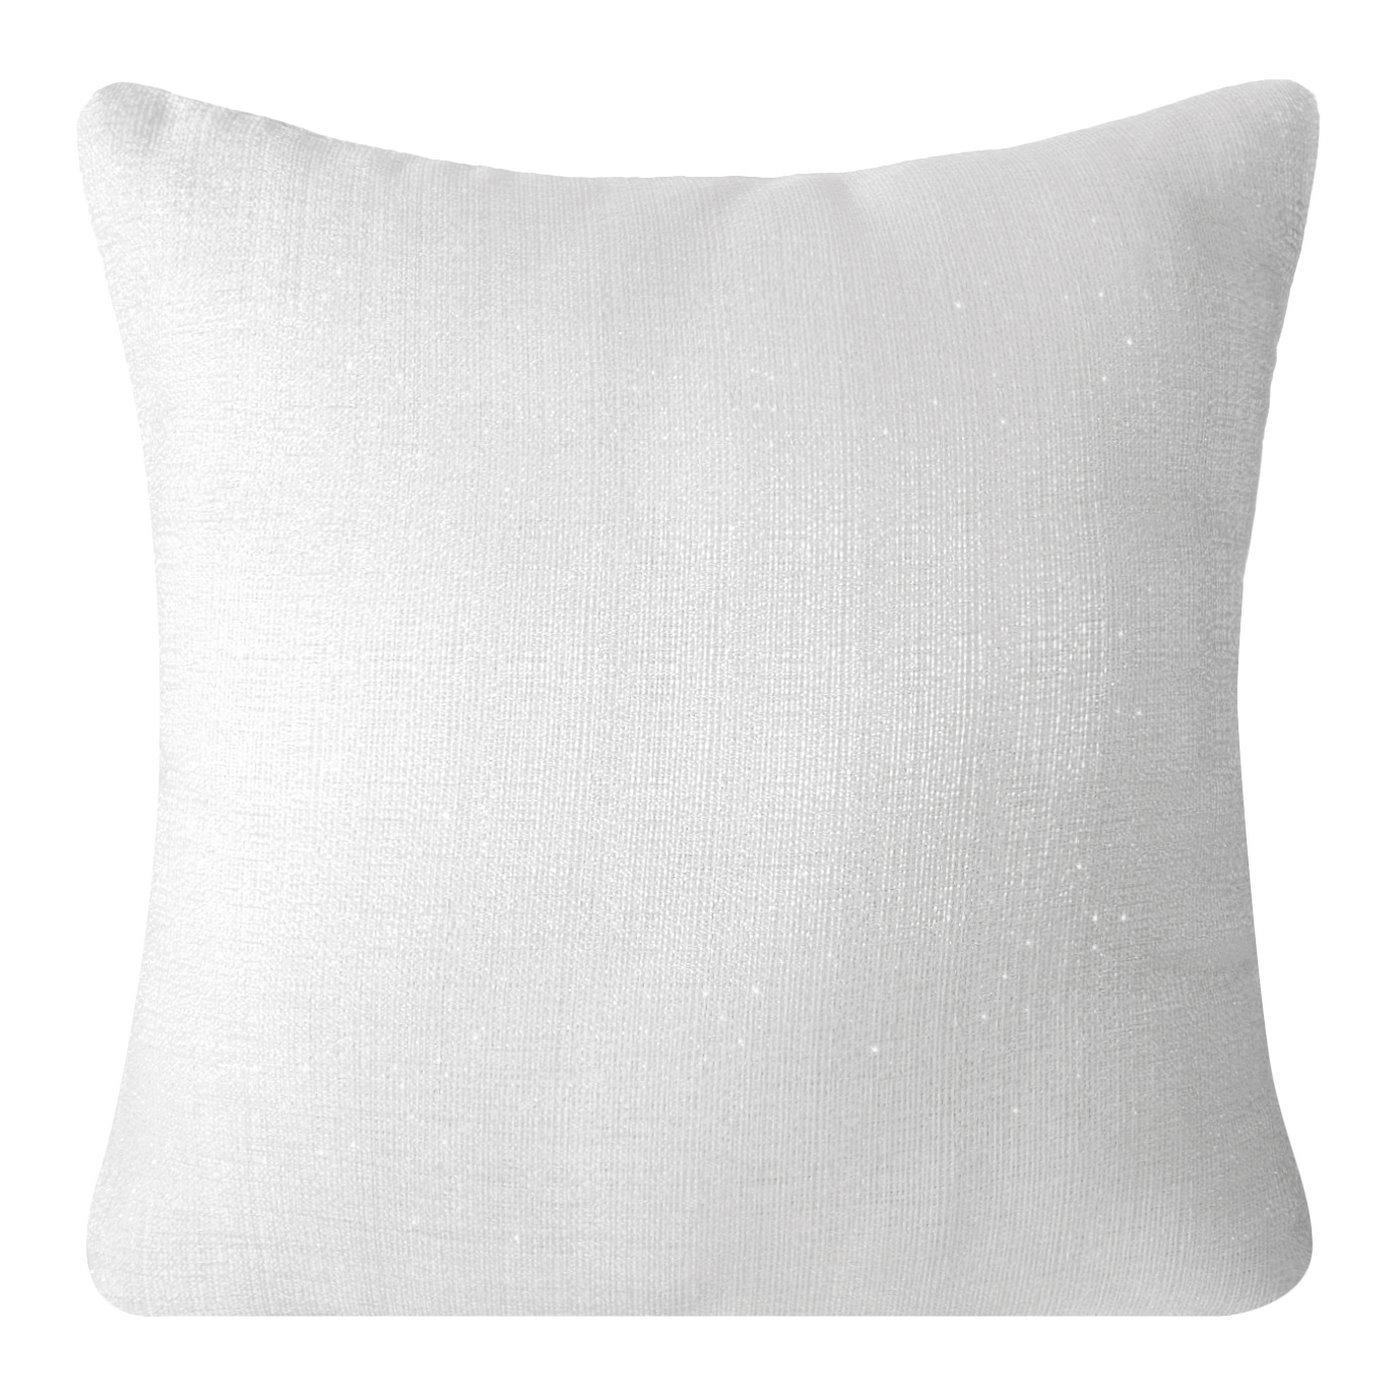 Poszewka na poduszkę gładka biała 40 x 40 cm